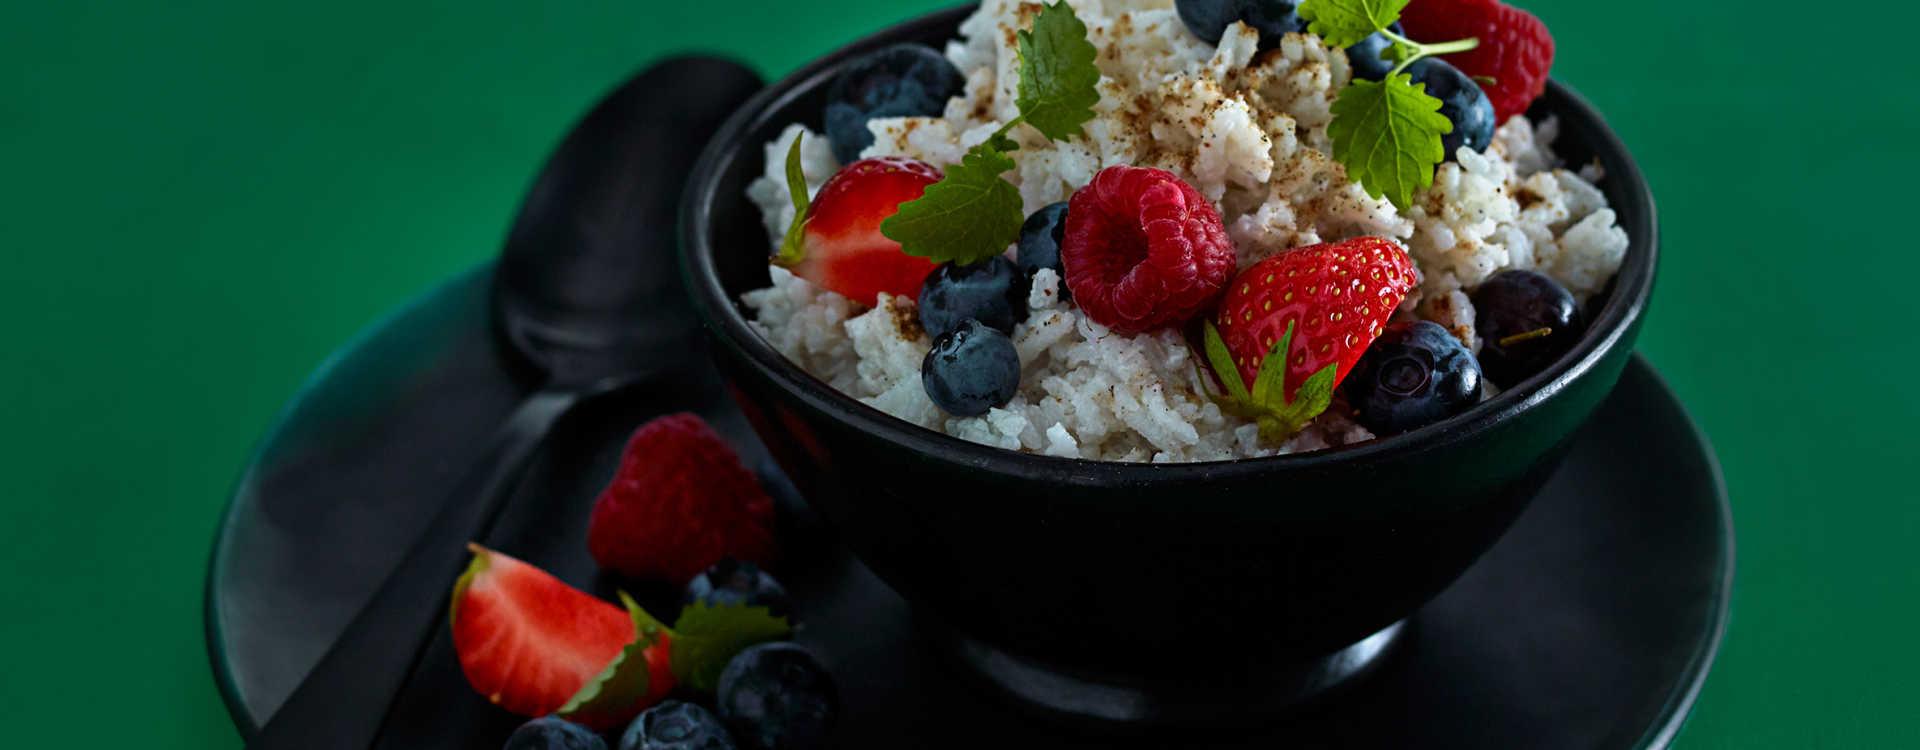 Ris med kokosmelk og kardemomme, blåbær og bringebær